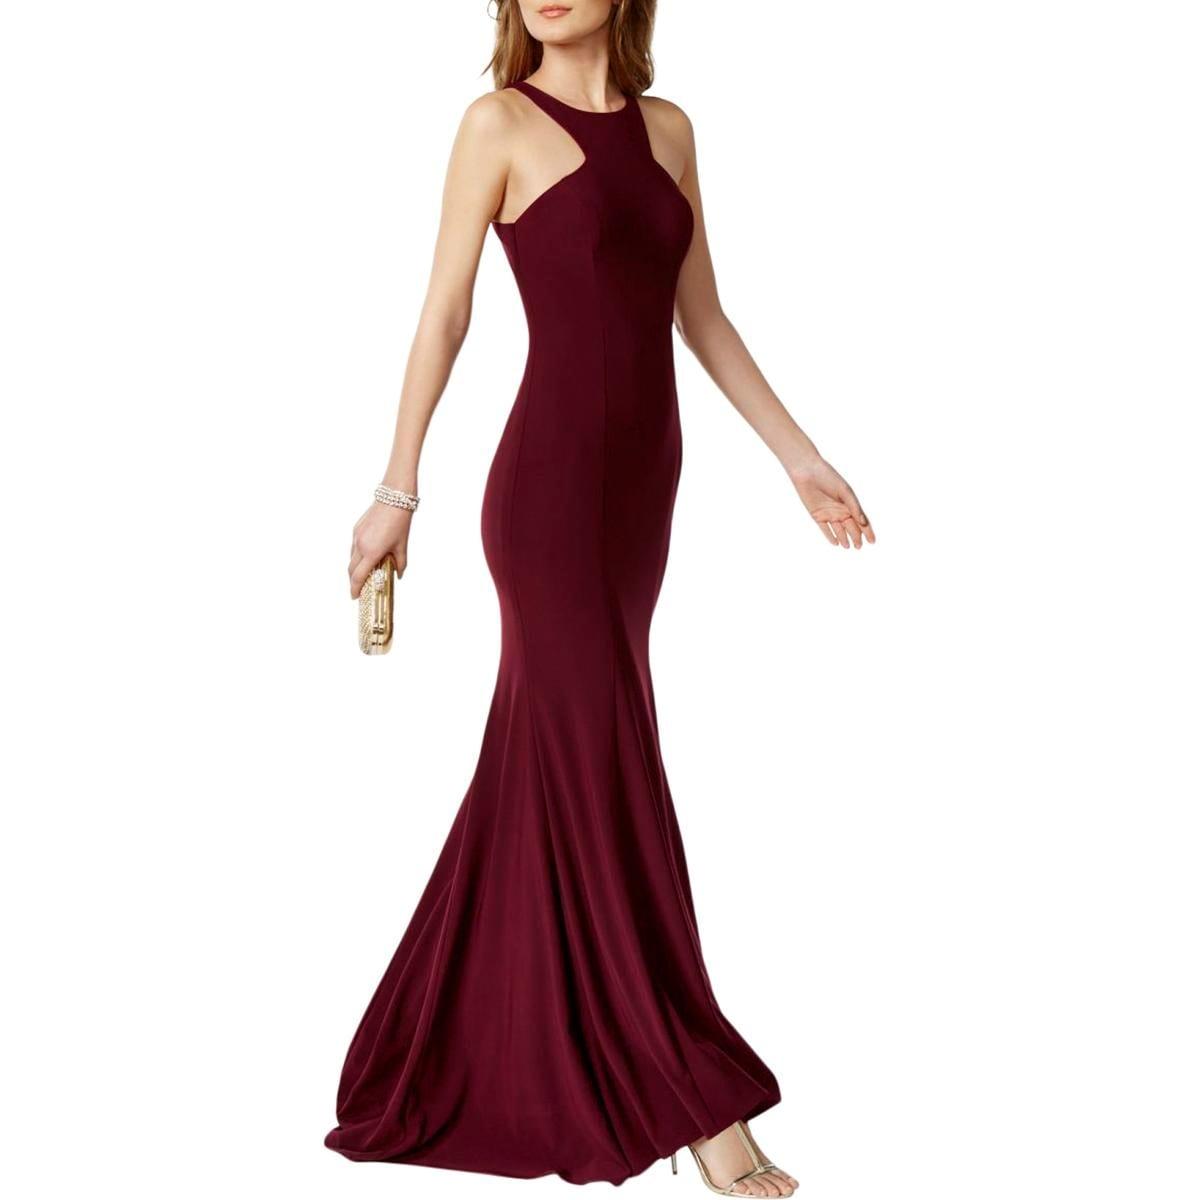 Xscape Women\'s Clothing | Shop our Best Clothing & Shoes Deals ...